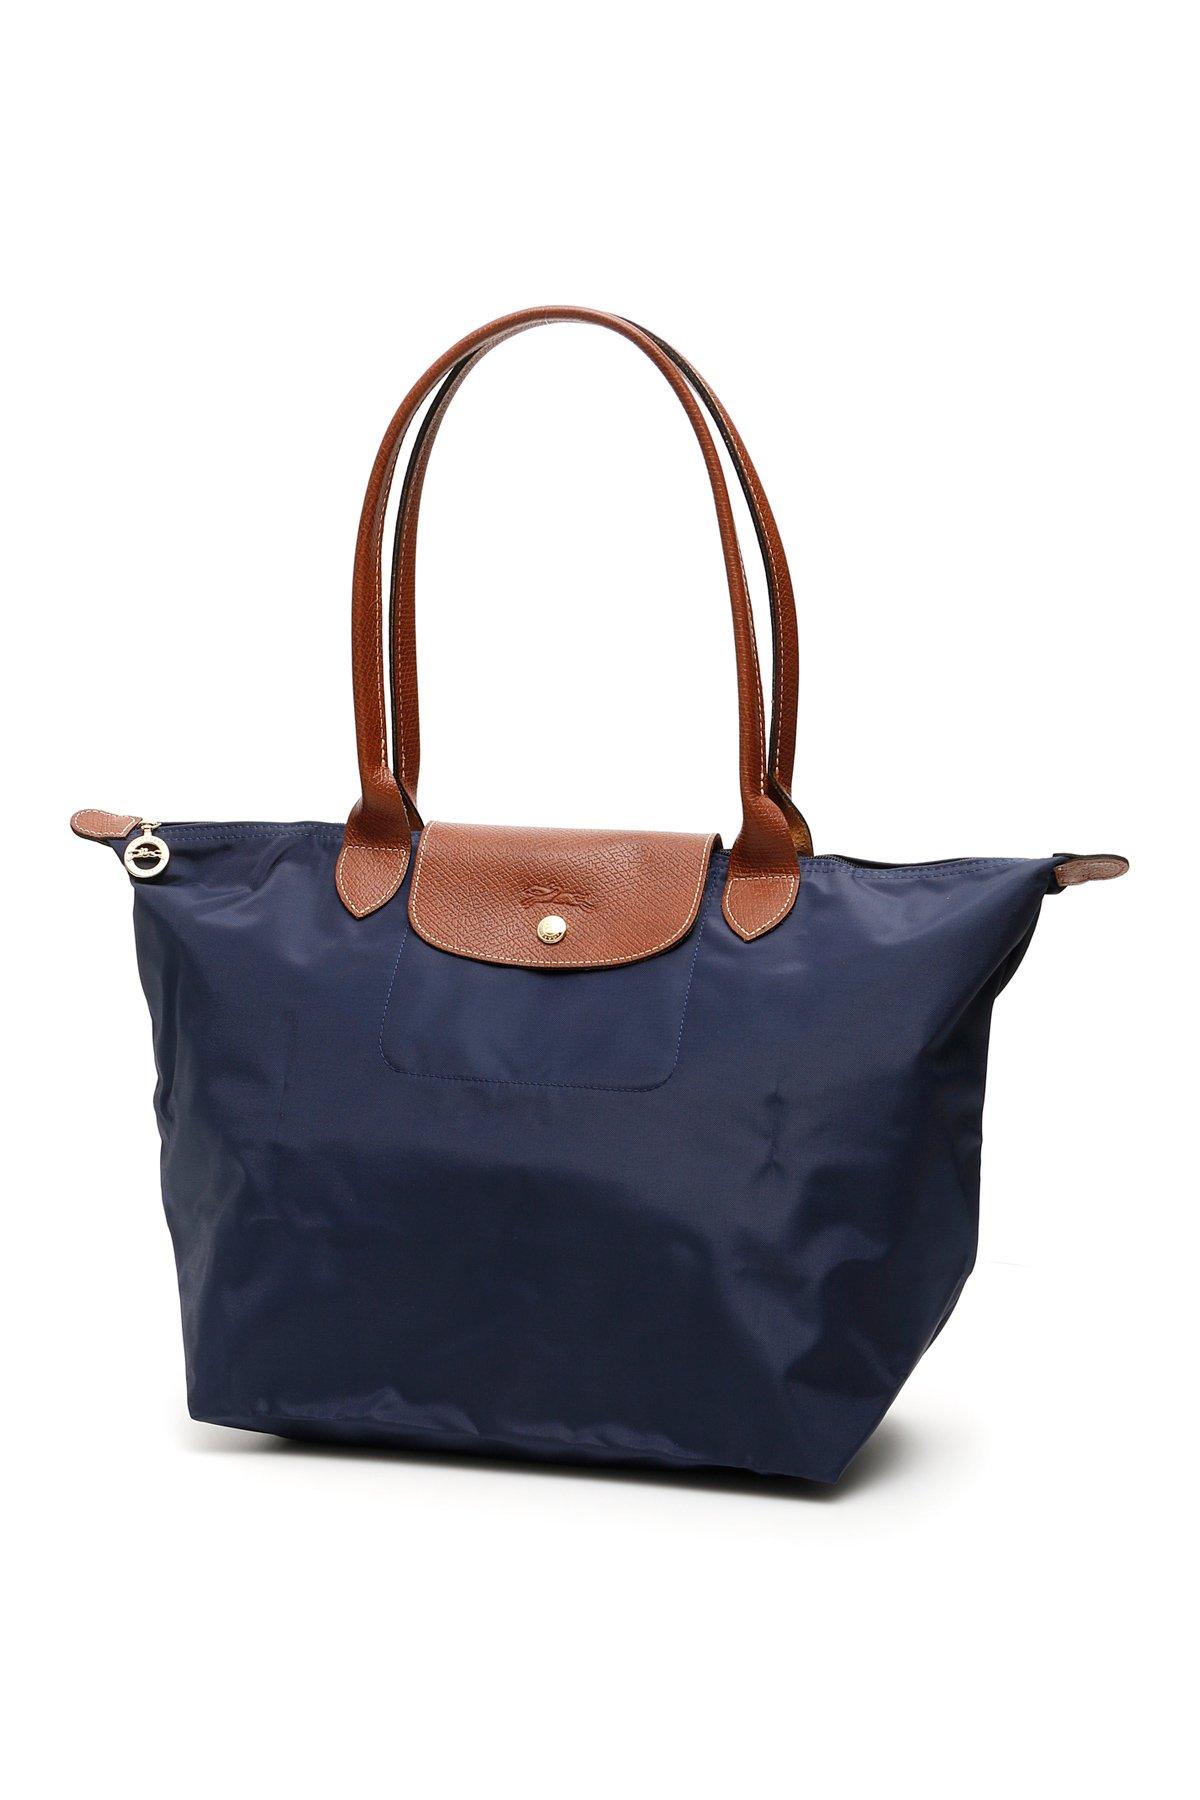 Longchamp shopping le pliage large